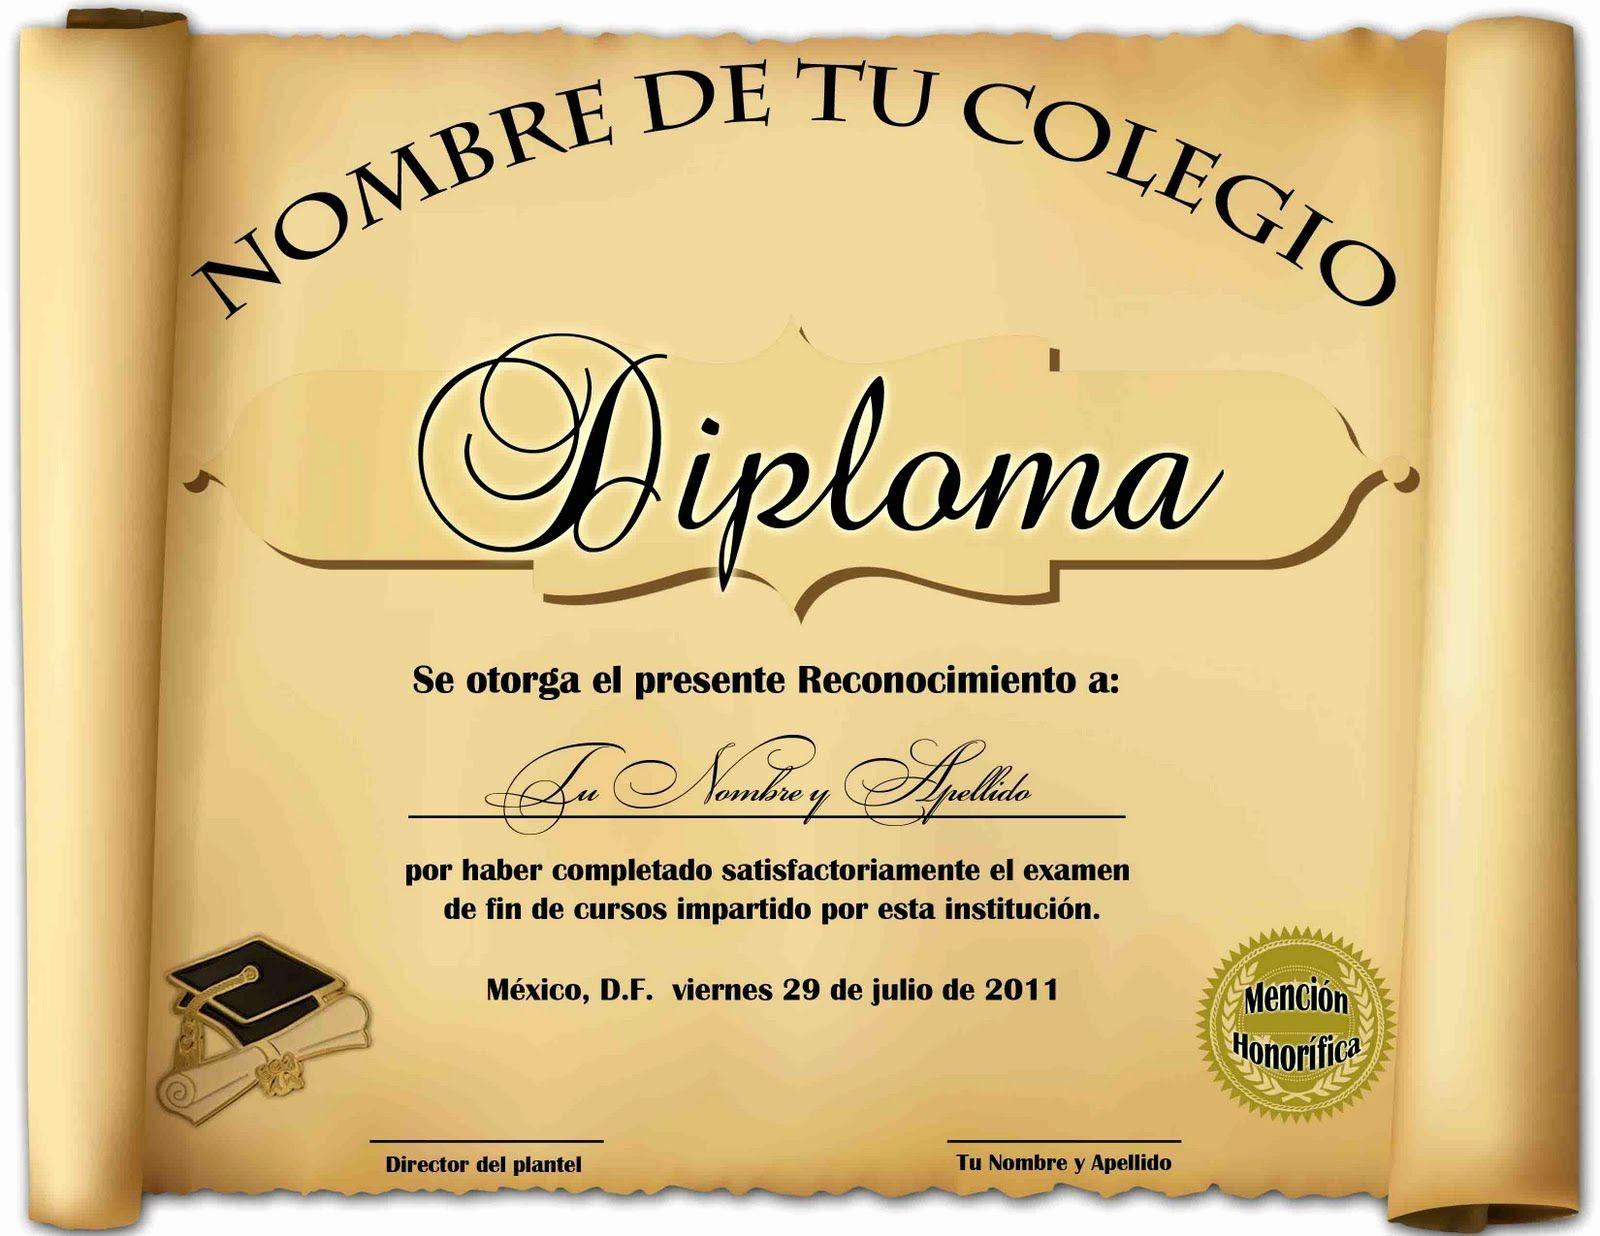 Modelos De Diplomas De Reconocimiento New Diplomas De Reconocimiento En Blanco Diplomas